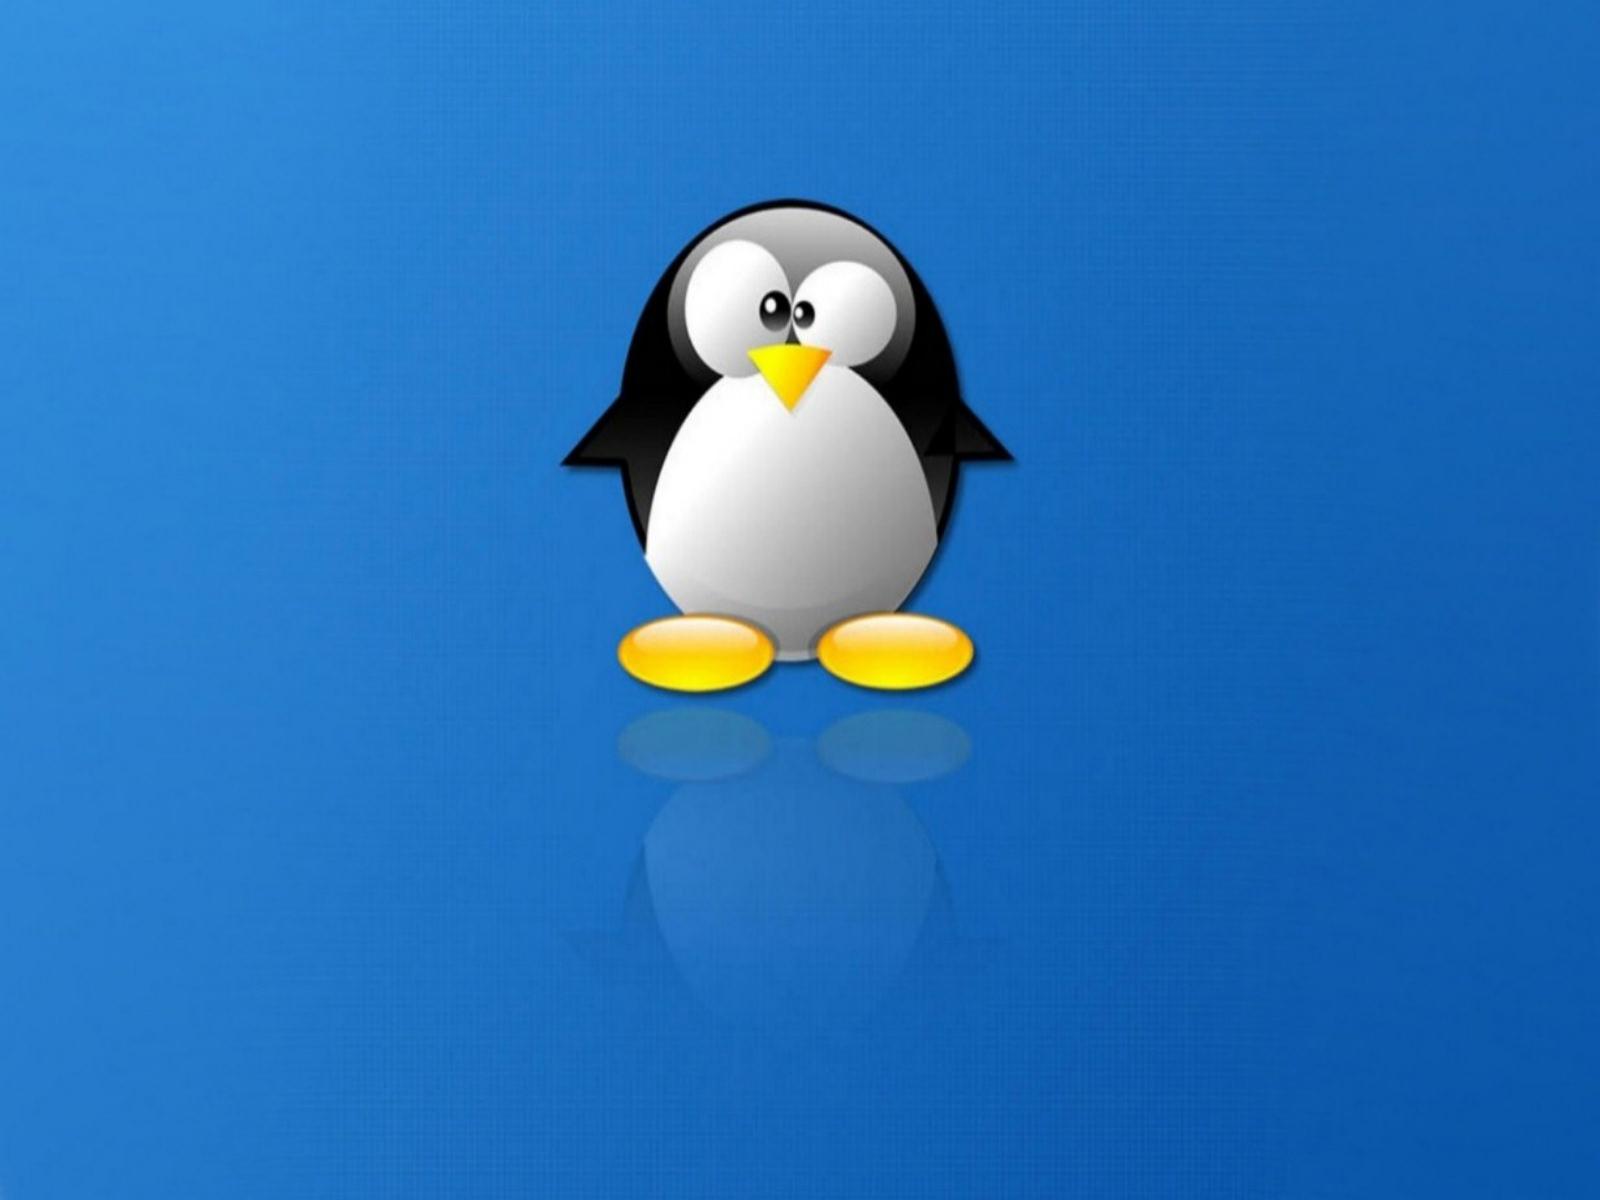 пингвин картинка на телефон нашем интернет магазине